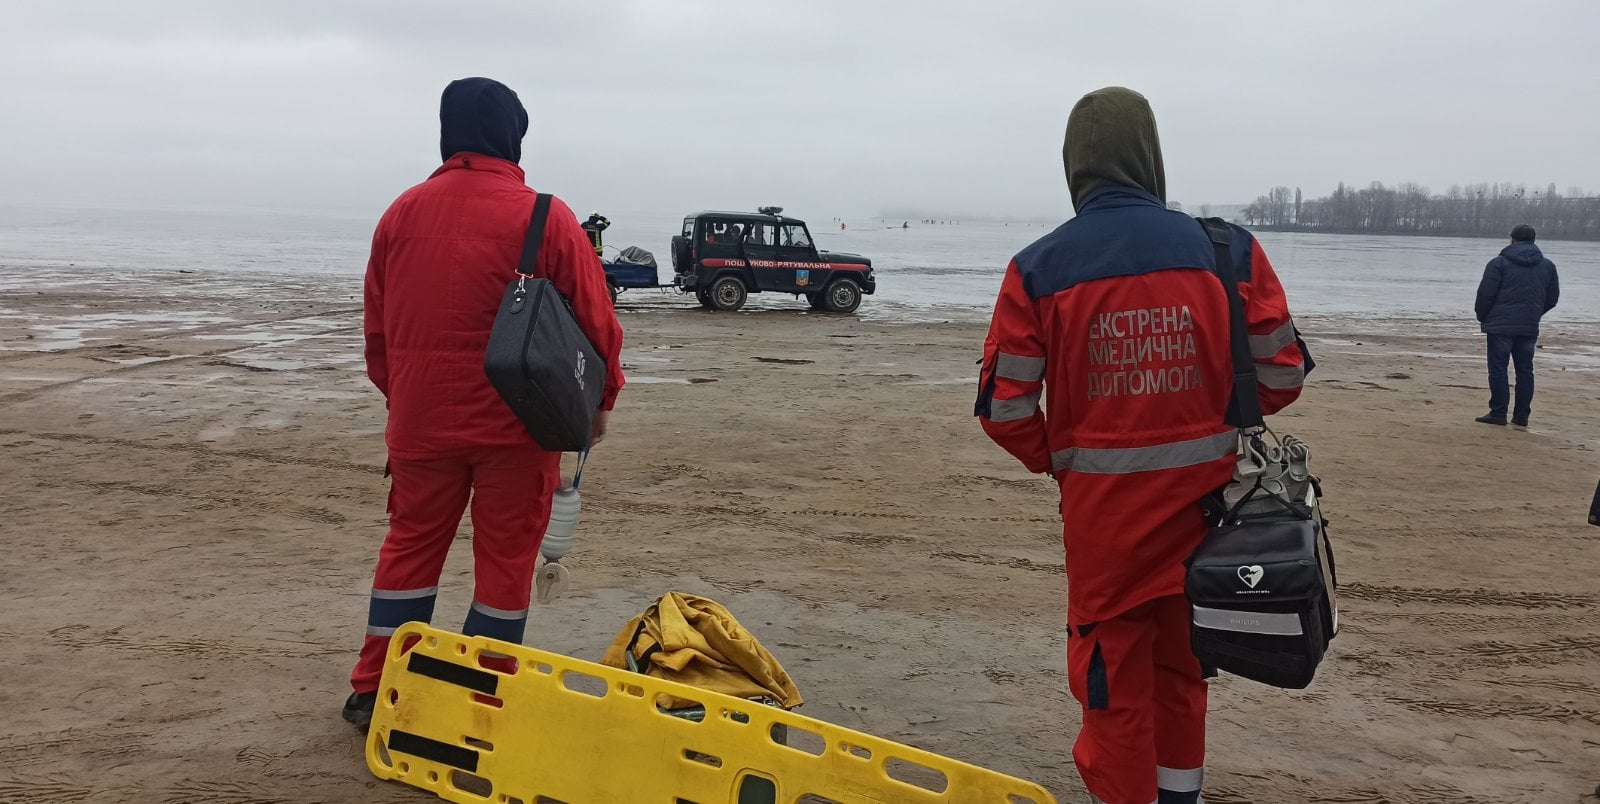 Черкащанин загинув під час риболовлі на льоду